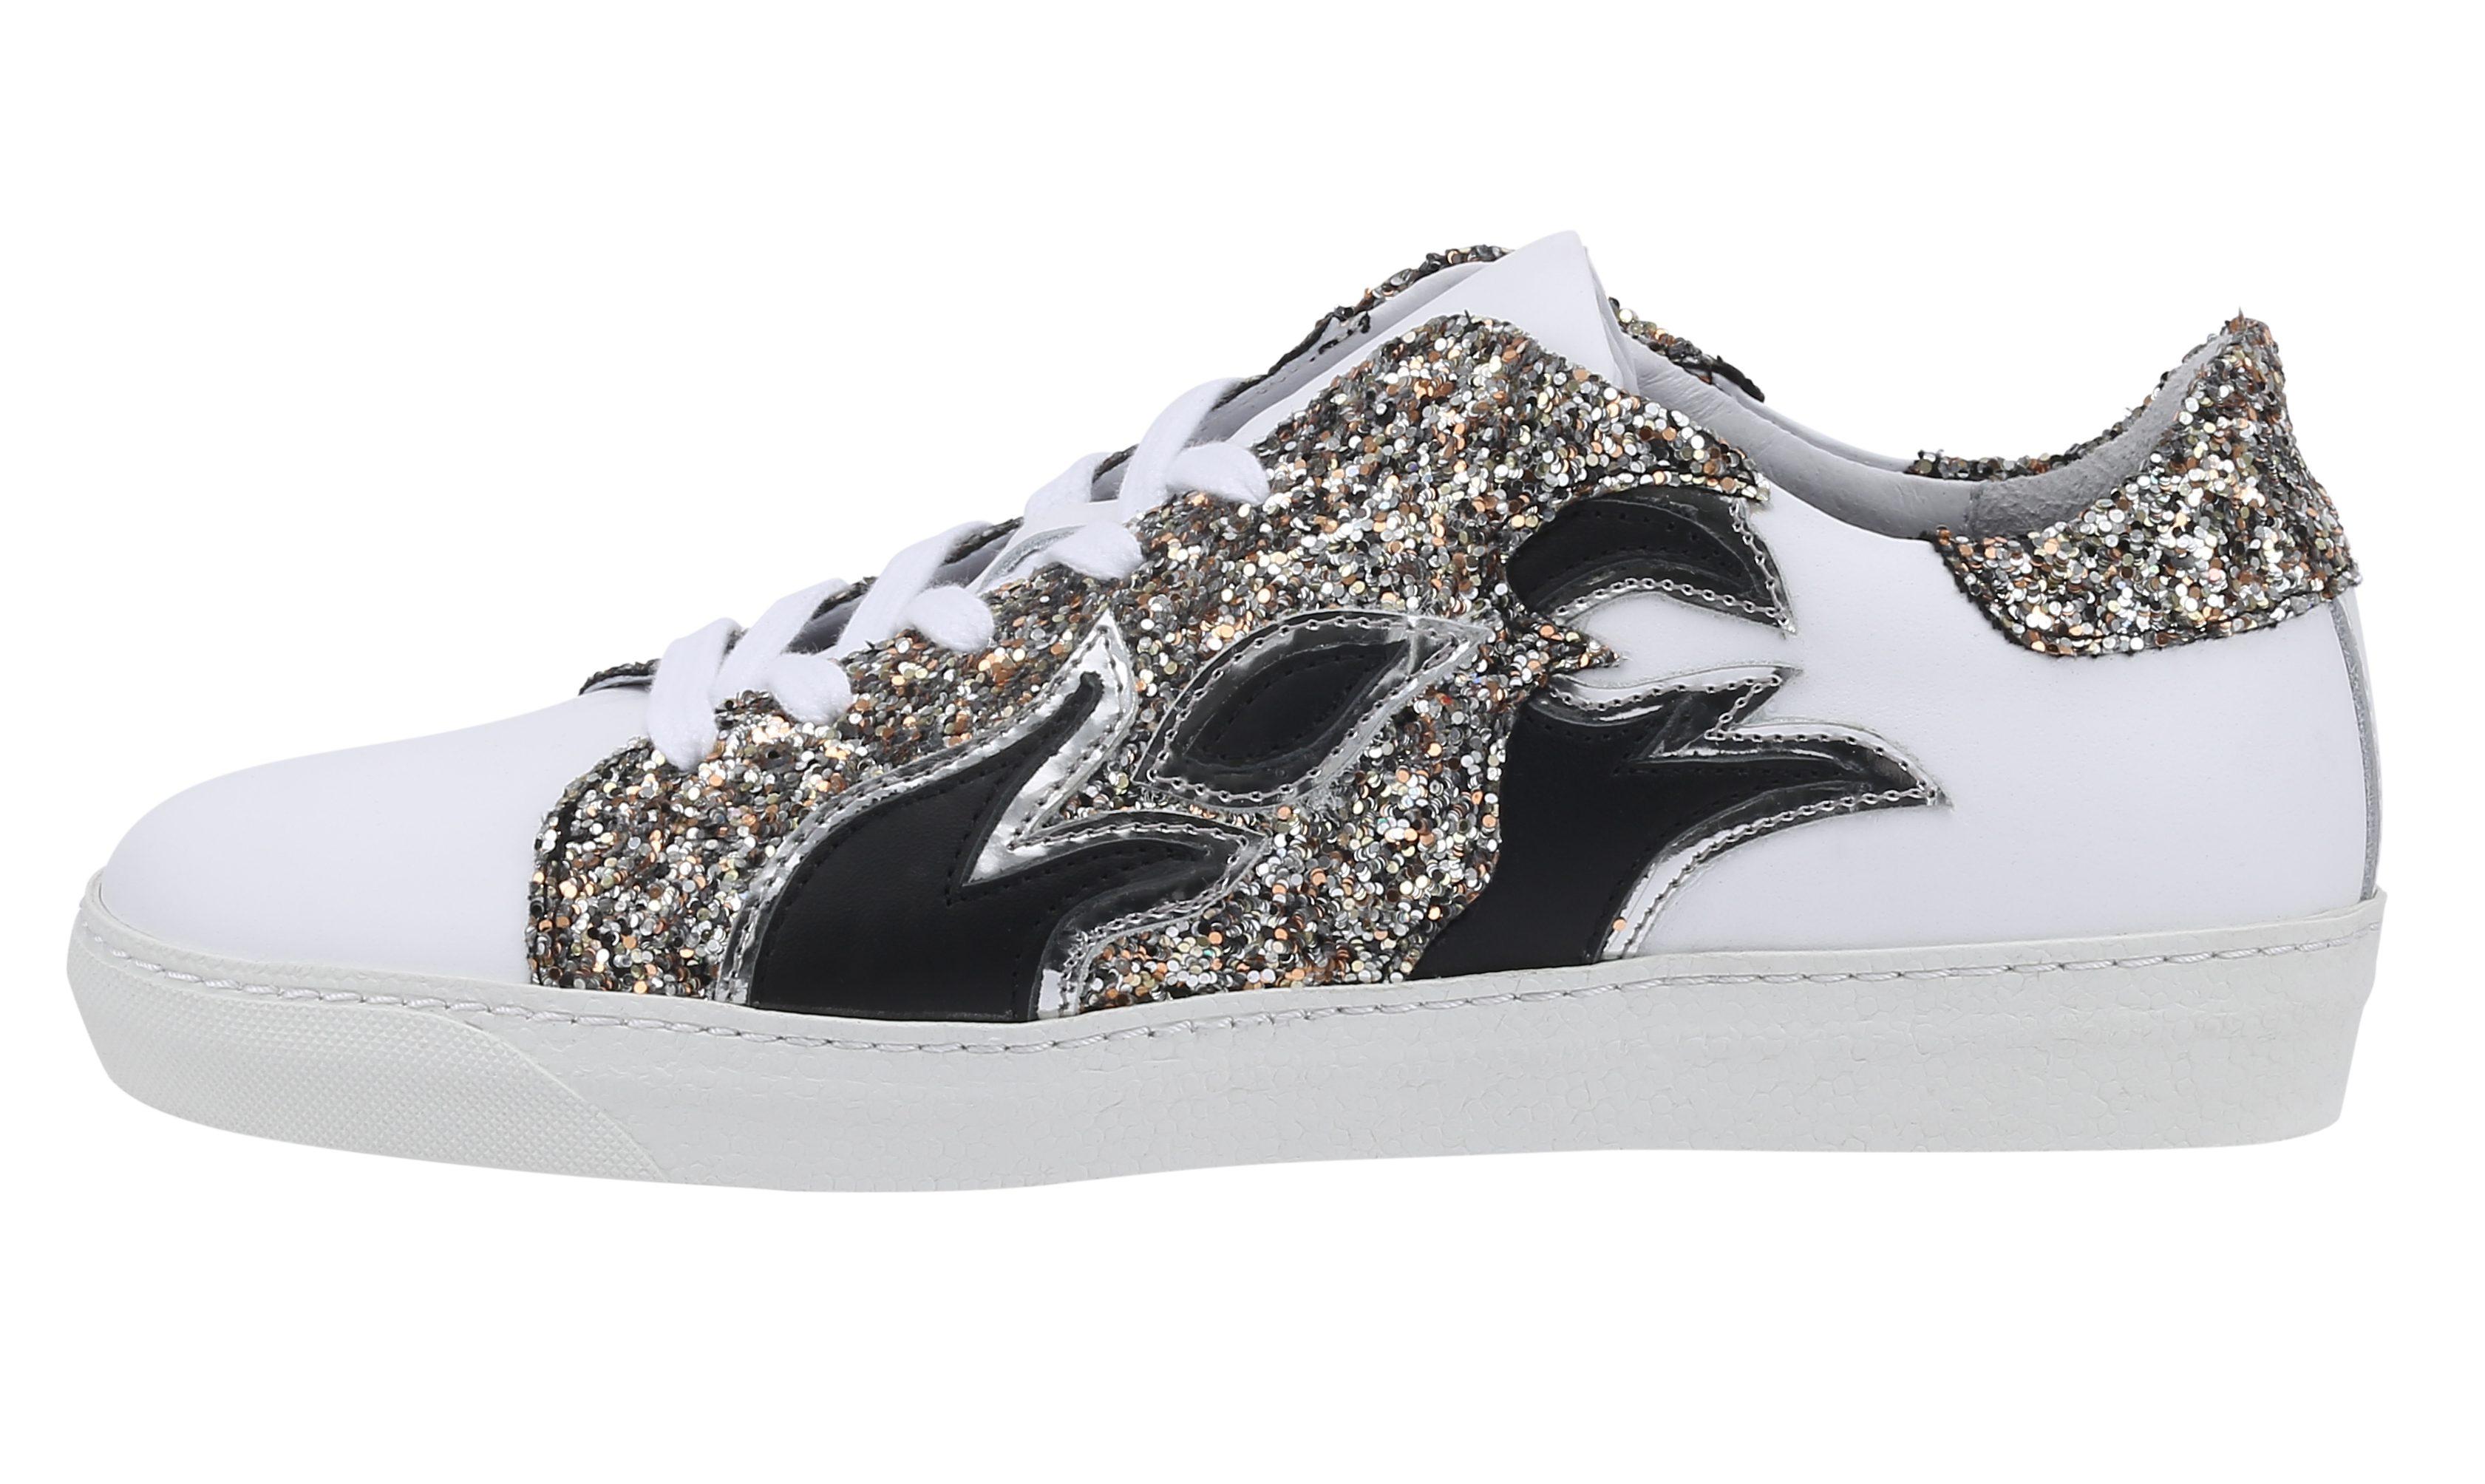 sko, sneakers, forårssko, mode, fashion, glitter, hvide, custommade, blitz pr